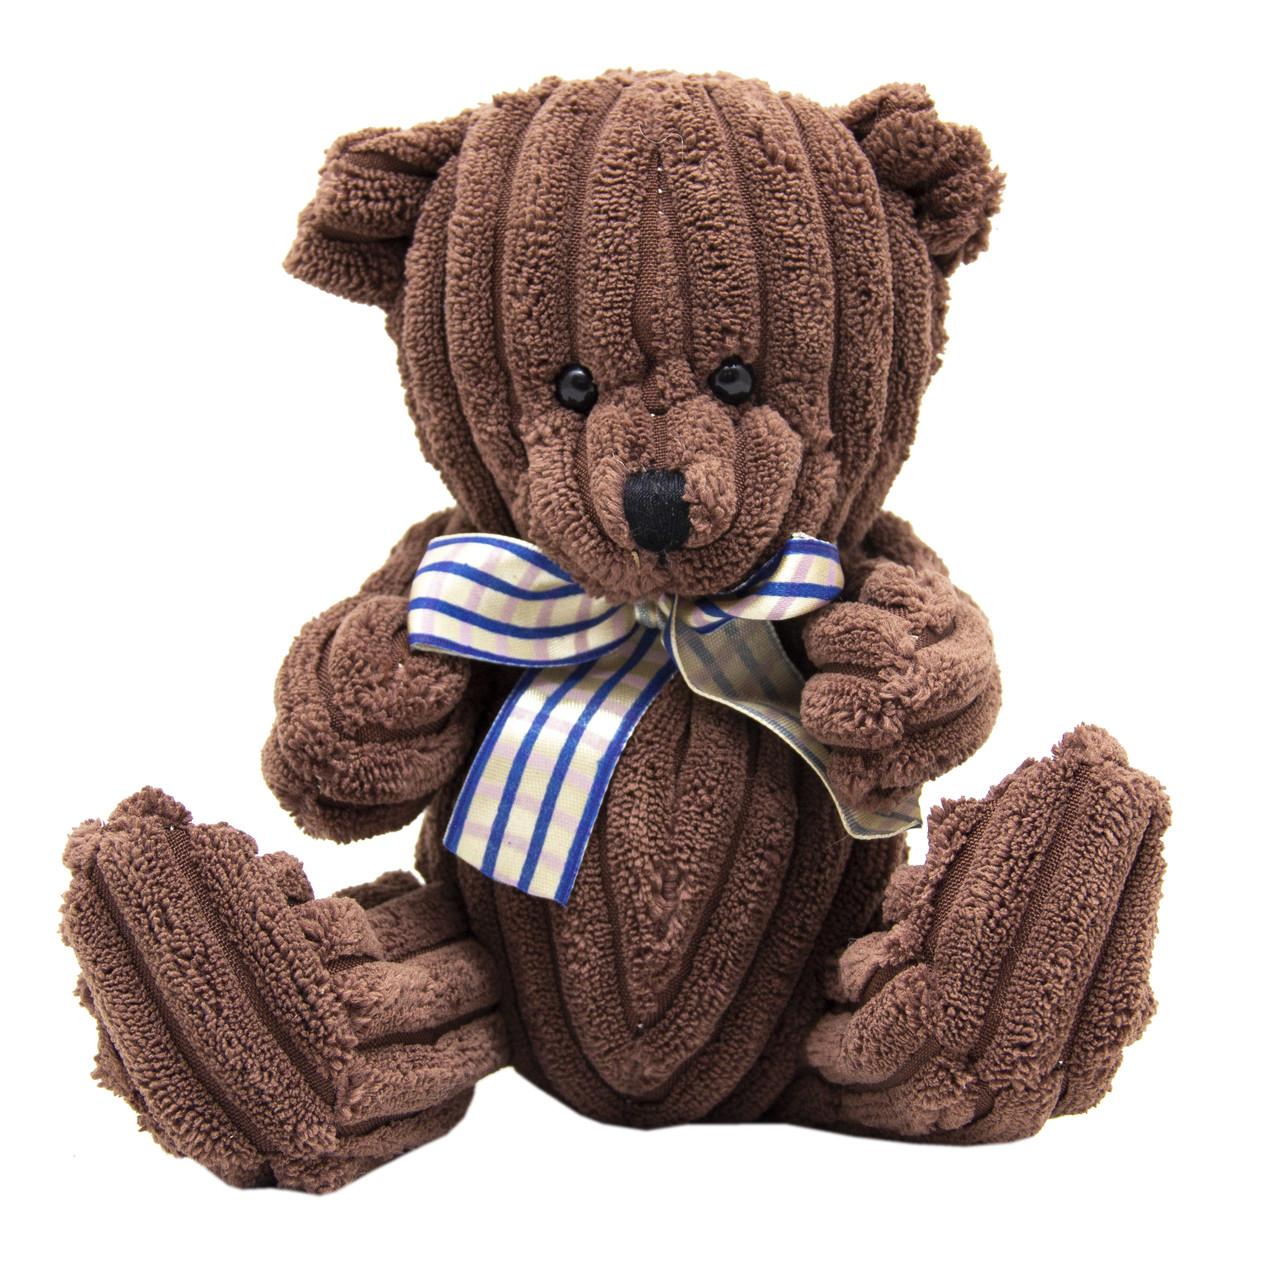 Мягкая игрушка - медведь в полоску, 15 см, коричневый, полиэстер (043165-6)